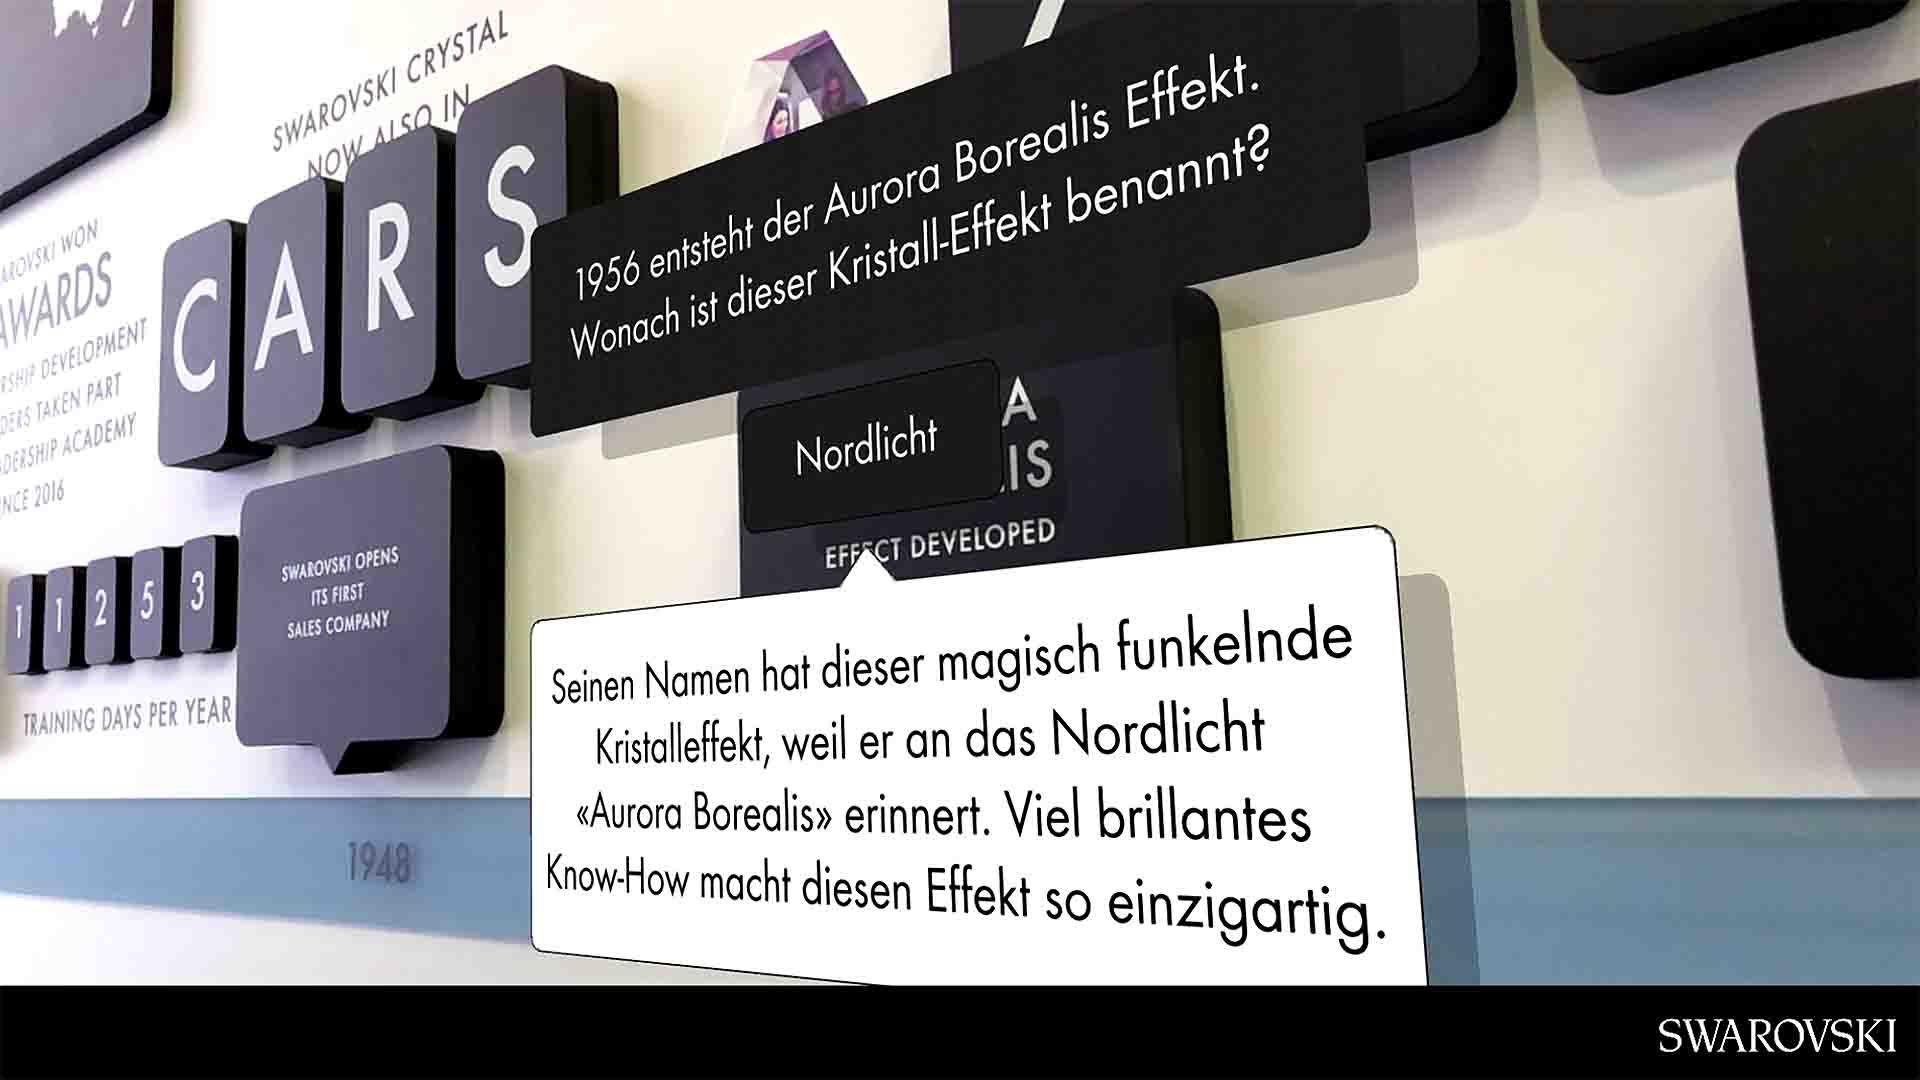 """Mit der """"Endless Facets"""" Augmented Reality App können Besucherinnen beim SWAROVSKI Messestand zusätzliche digitale, interaktive Elemente entdecken."""